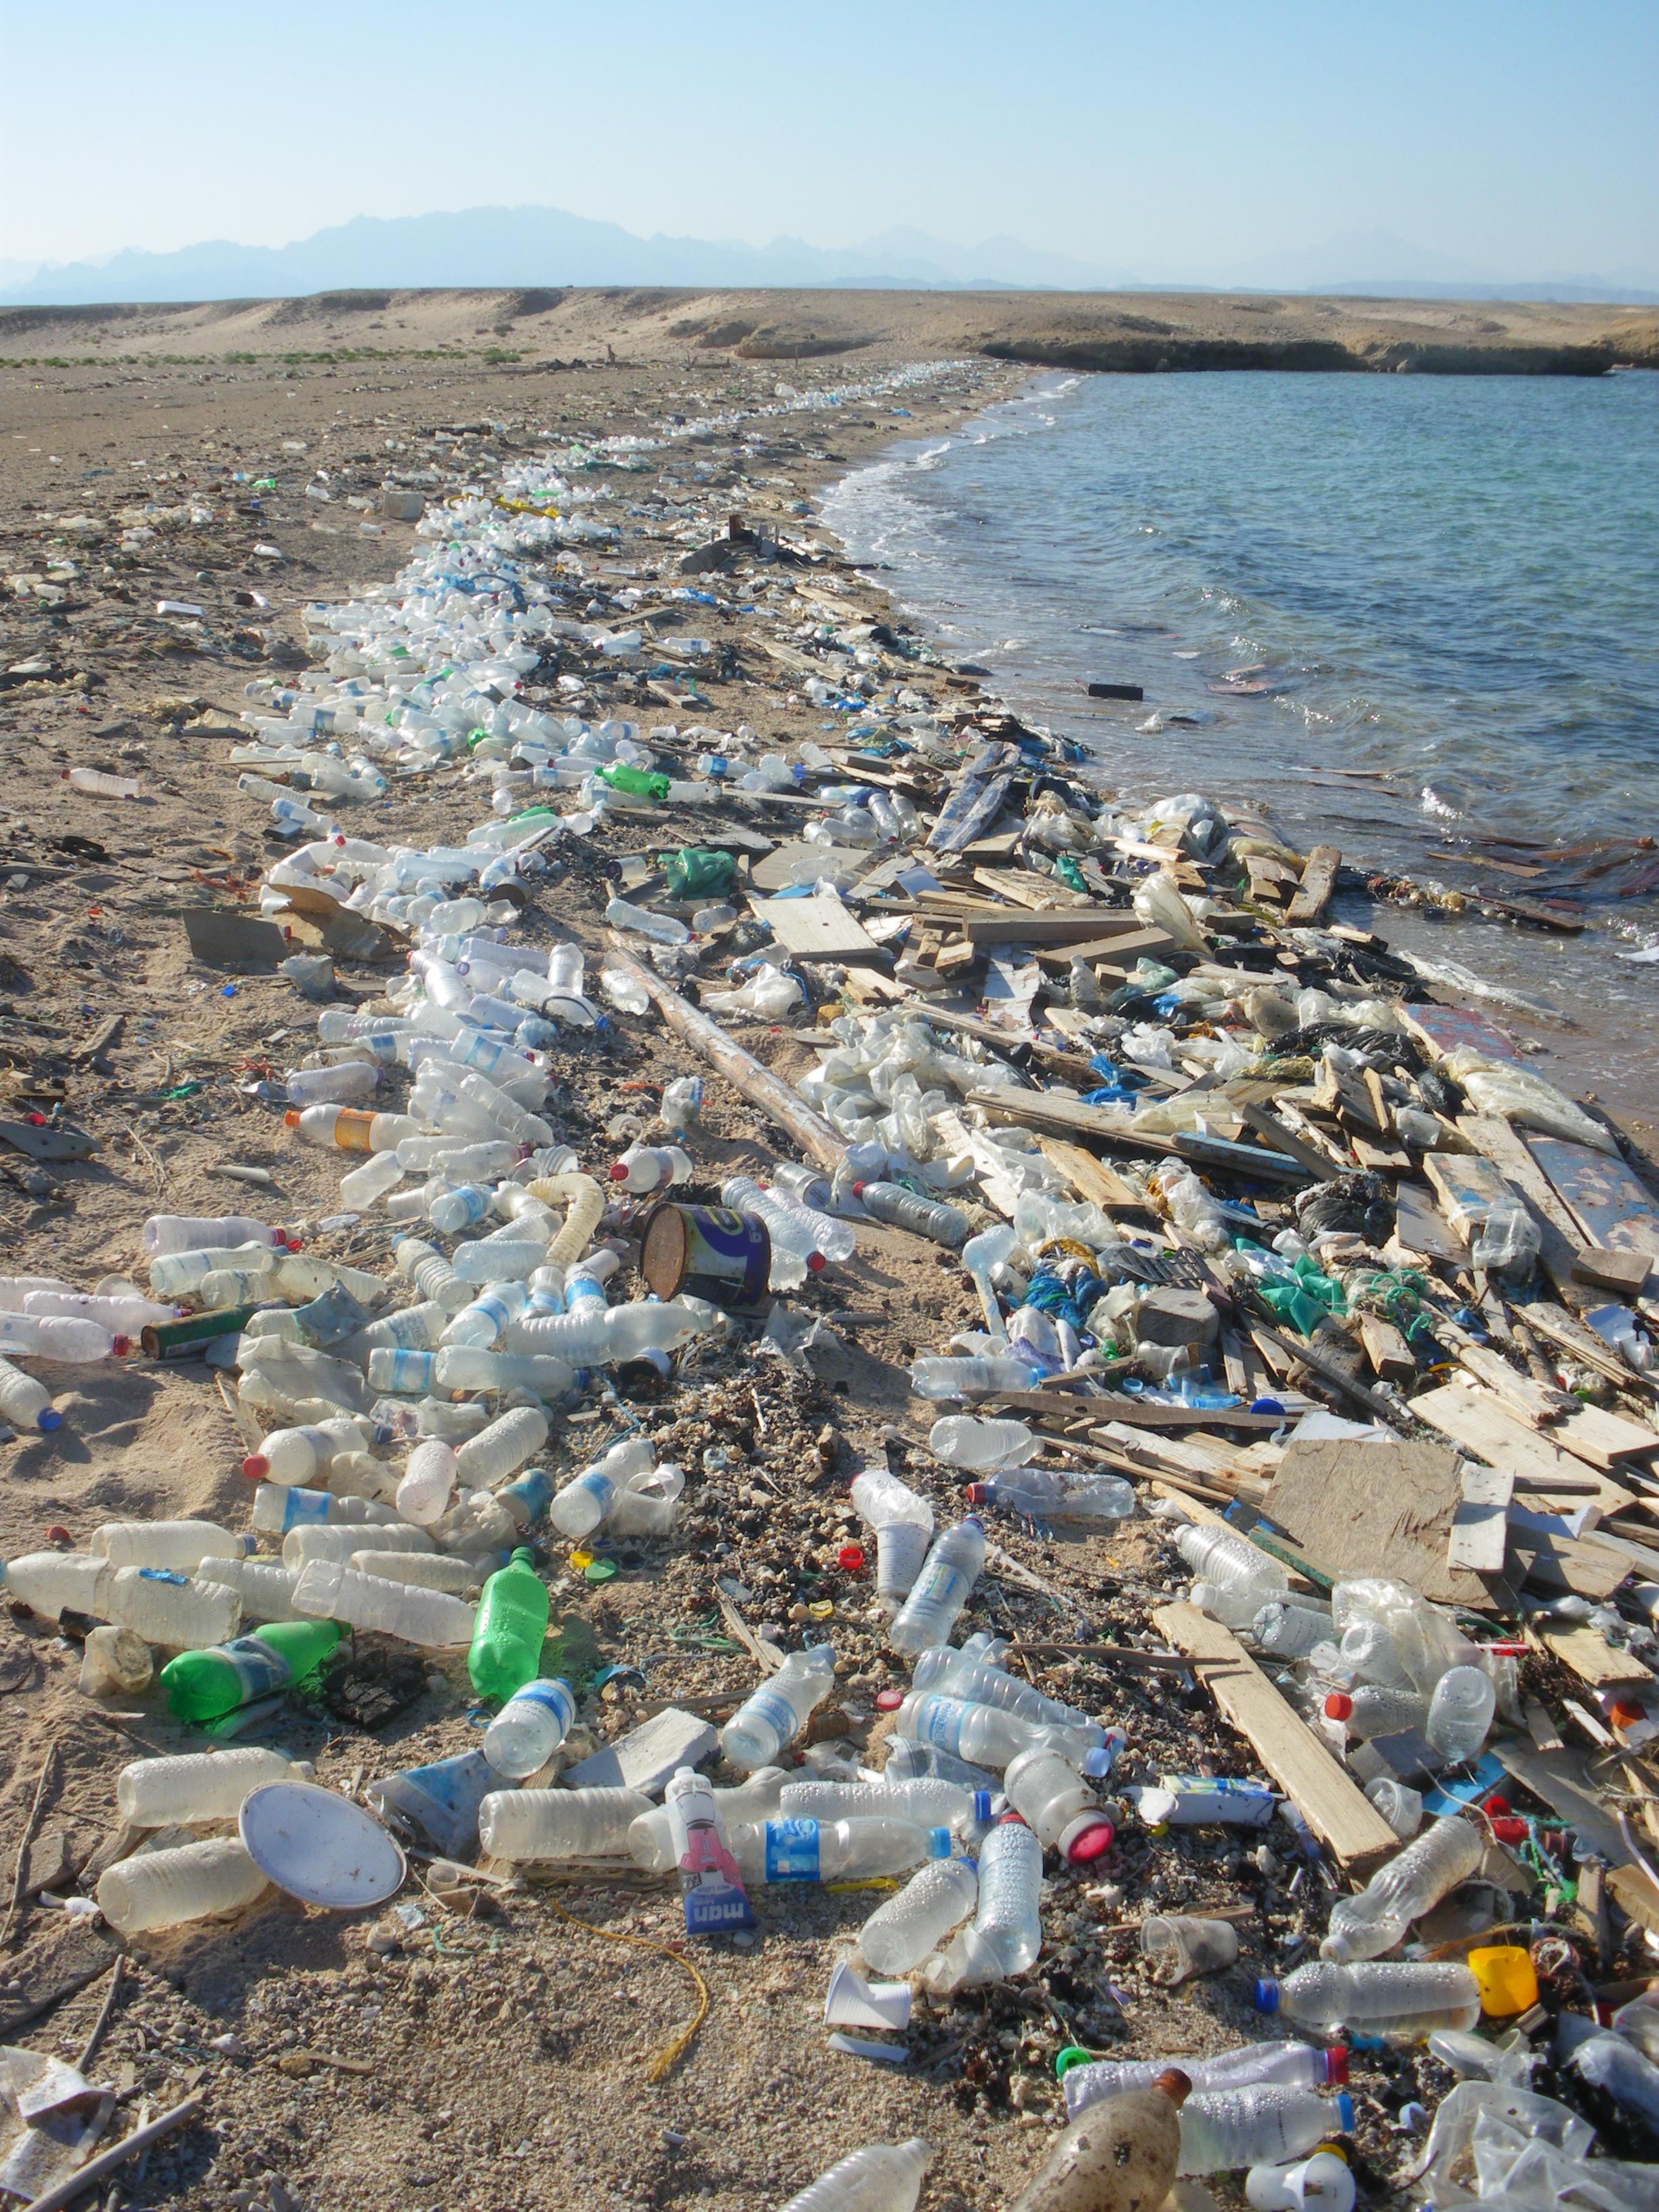 Déchets plages  Sciencesenviro  Les sciences et l